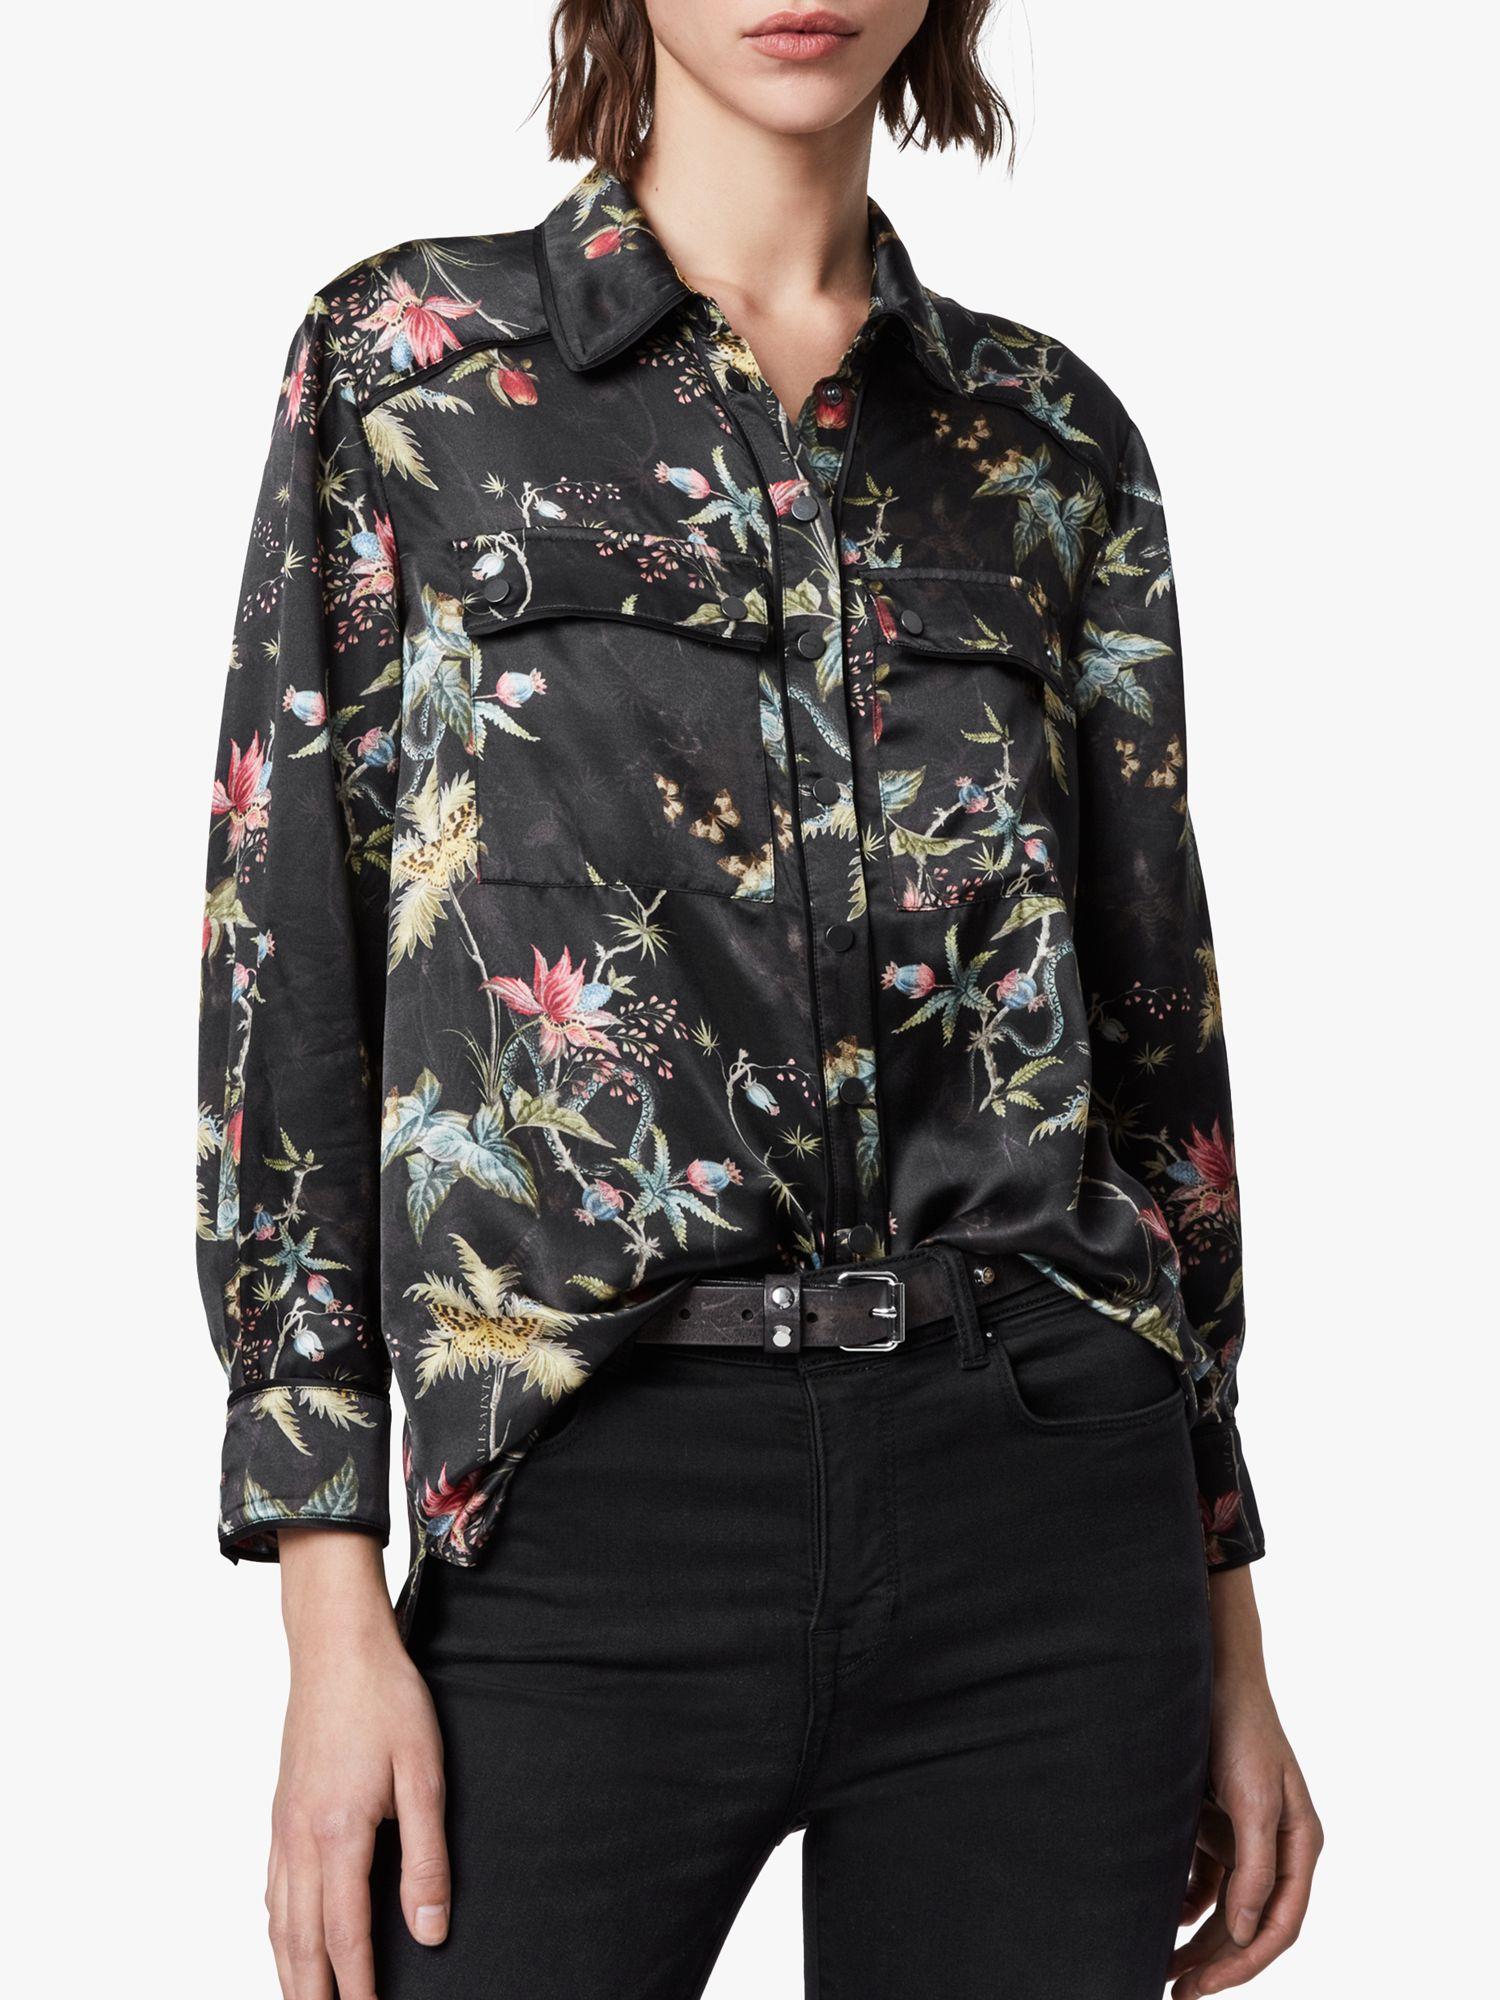 AllSaints AllSaints Esther Evolution Floral Print Shirt, Black/Multi